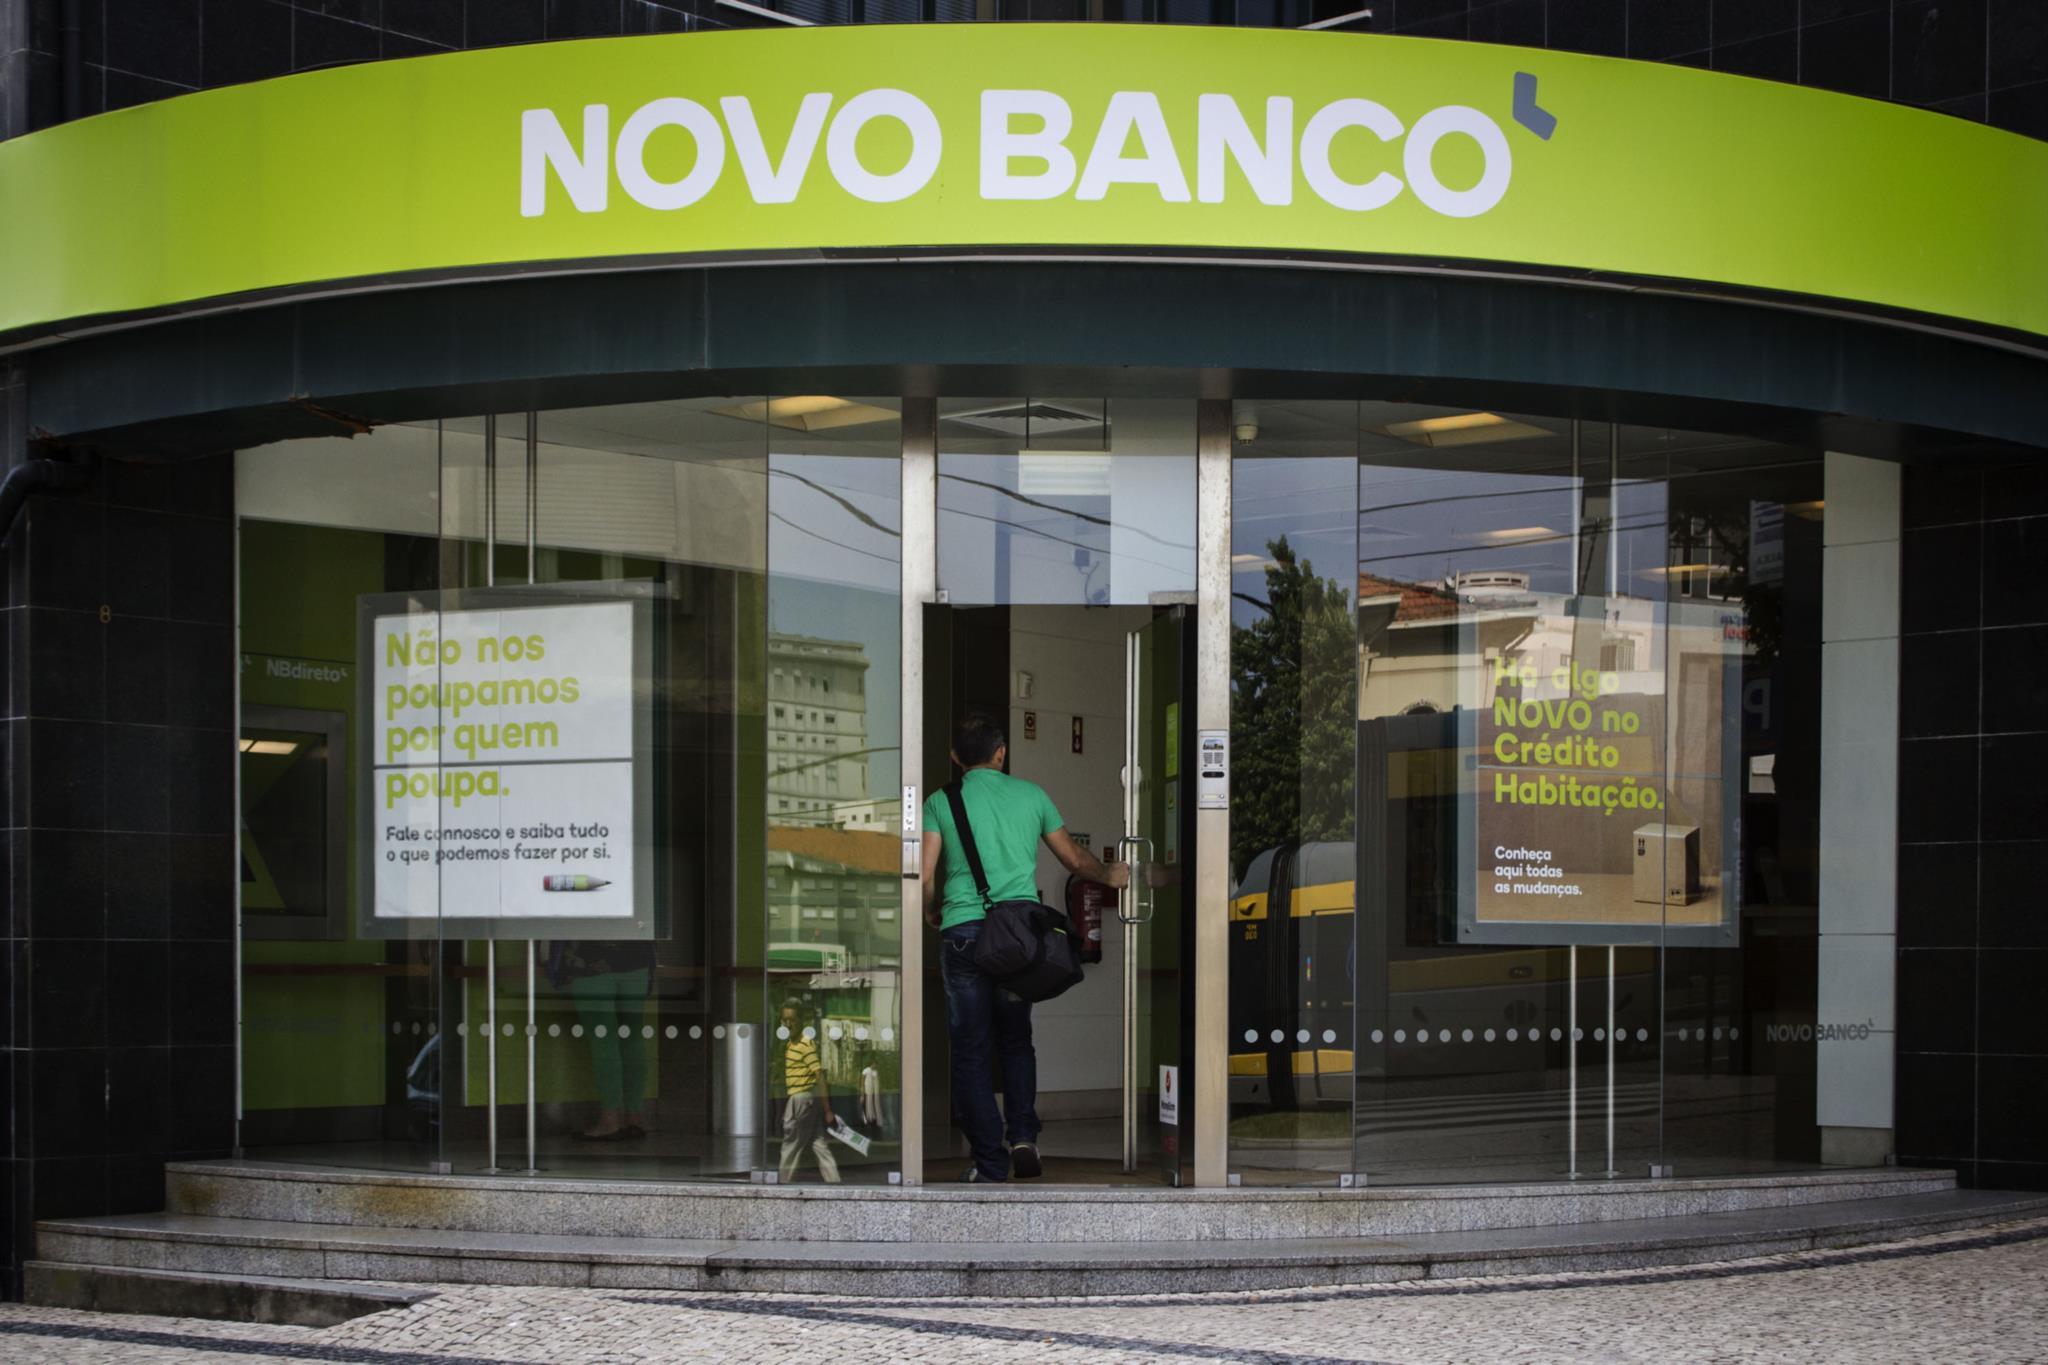 Fundo de Resolução assegura direitos de 25% numa posterior venda do Novo Banco